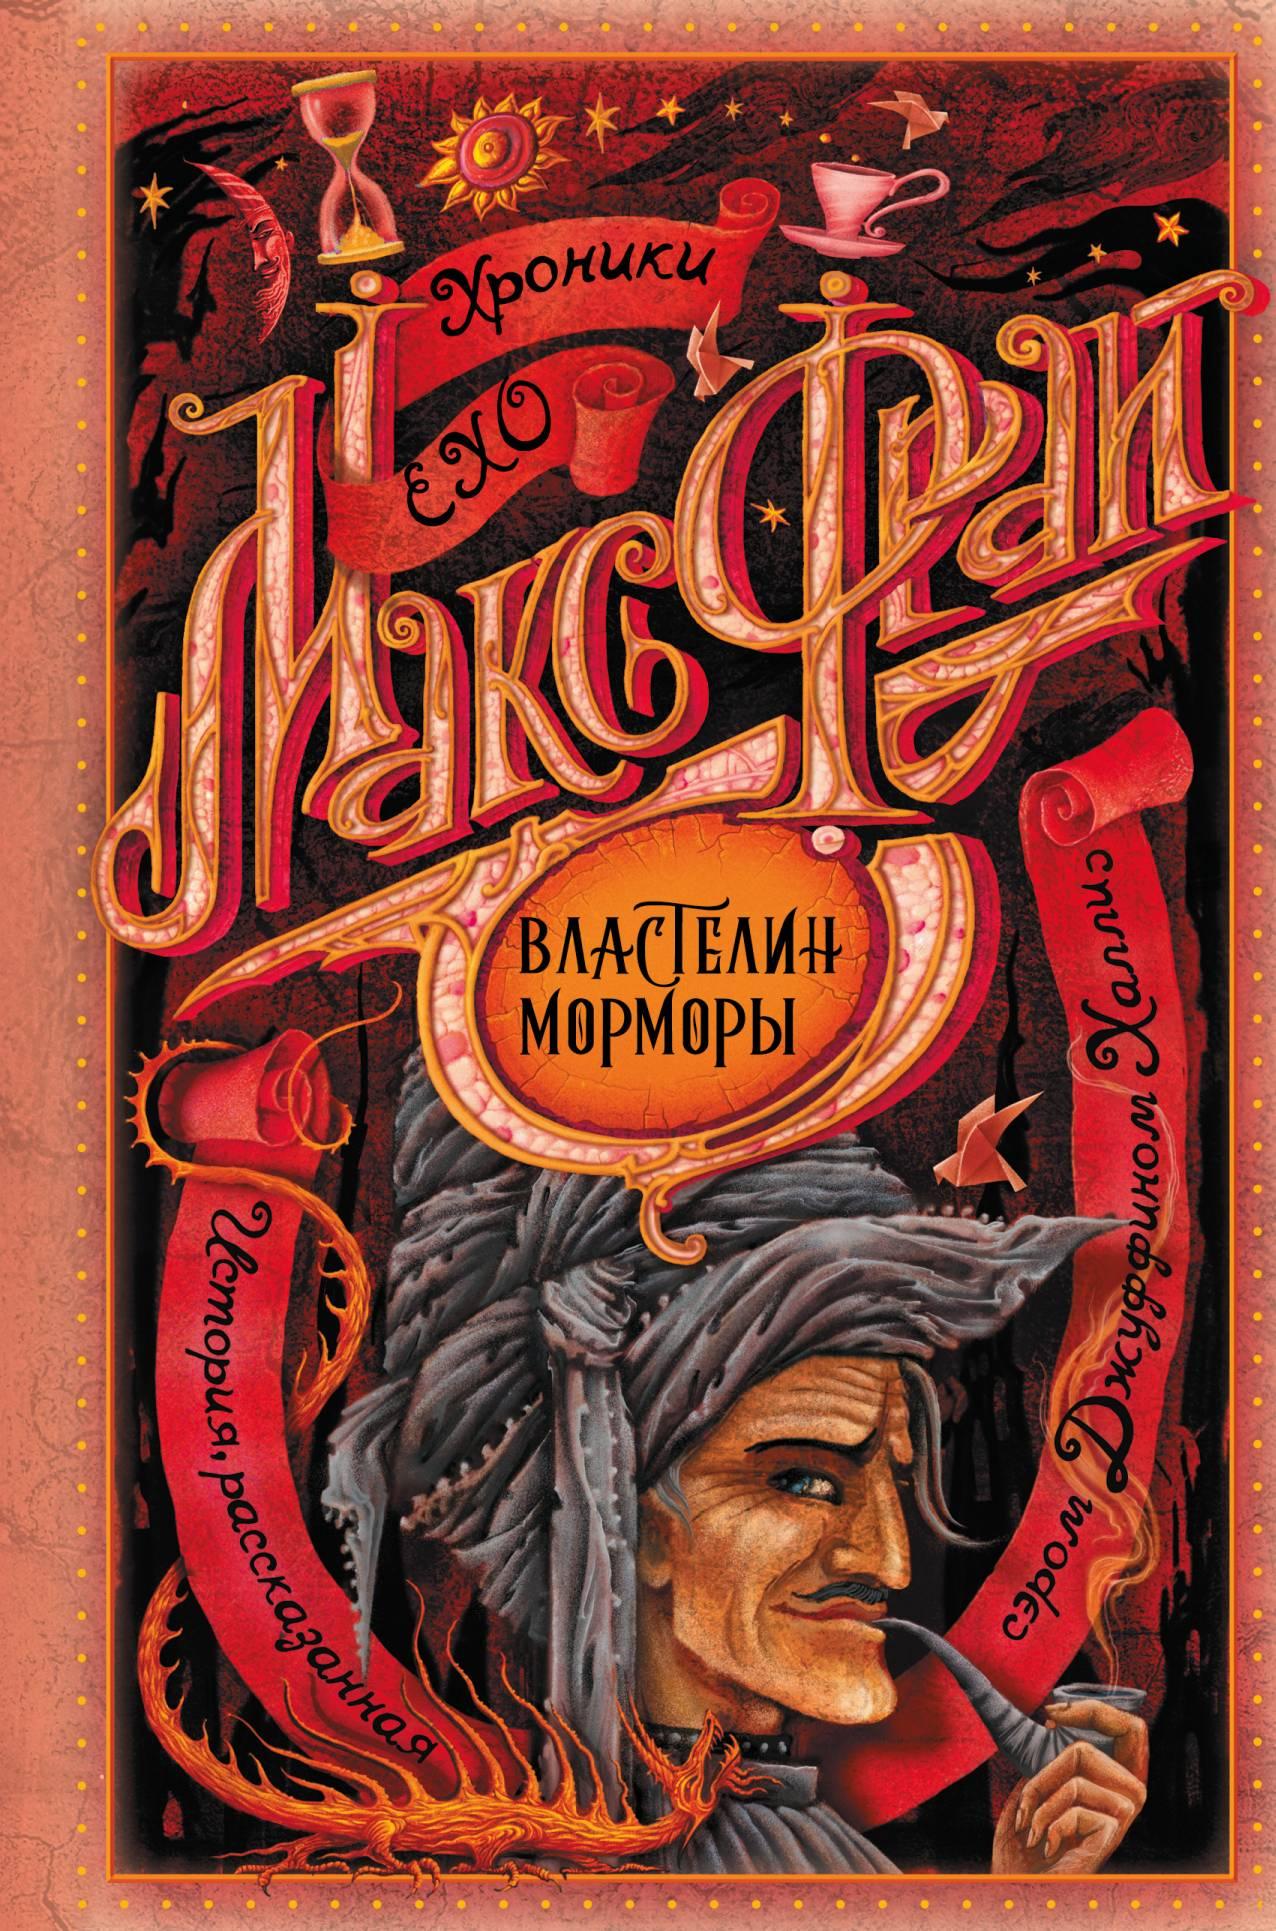 цена на Макс Фрай Властелин Морморы